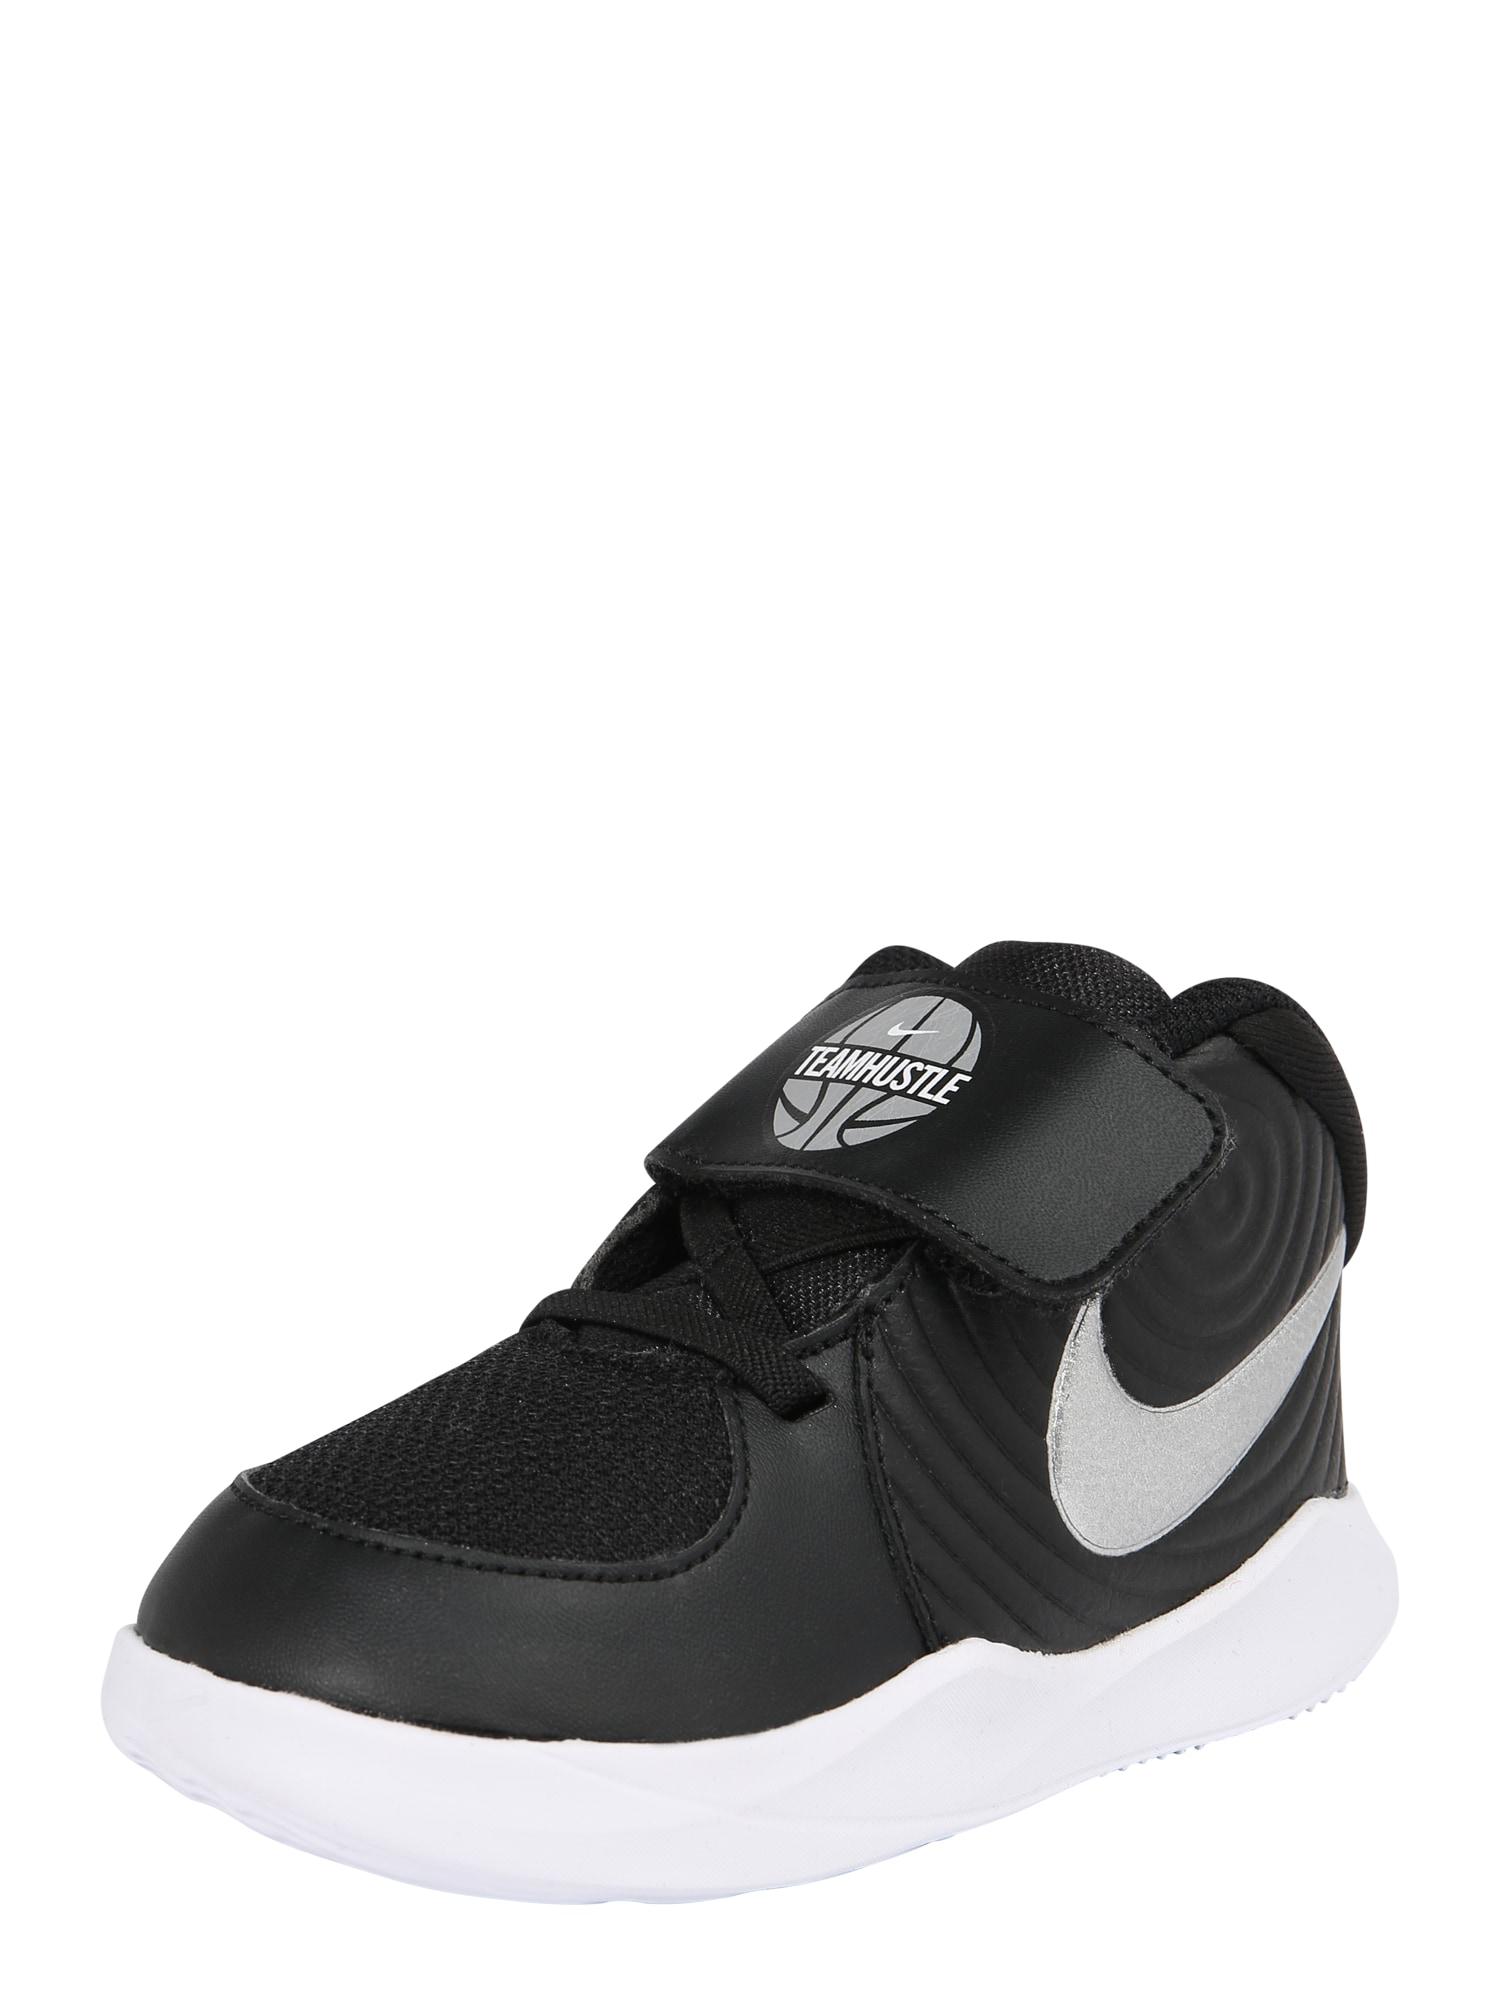 Sportovní boty TEAM HUSTLE D 9 (TD) černá bílá NIKE